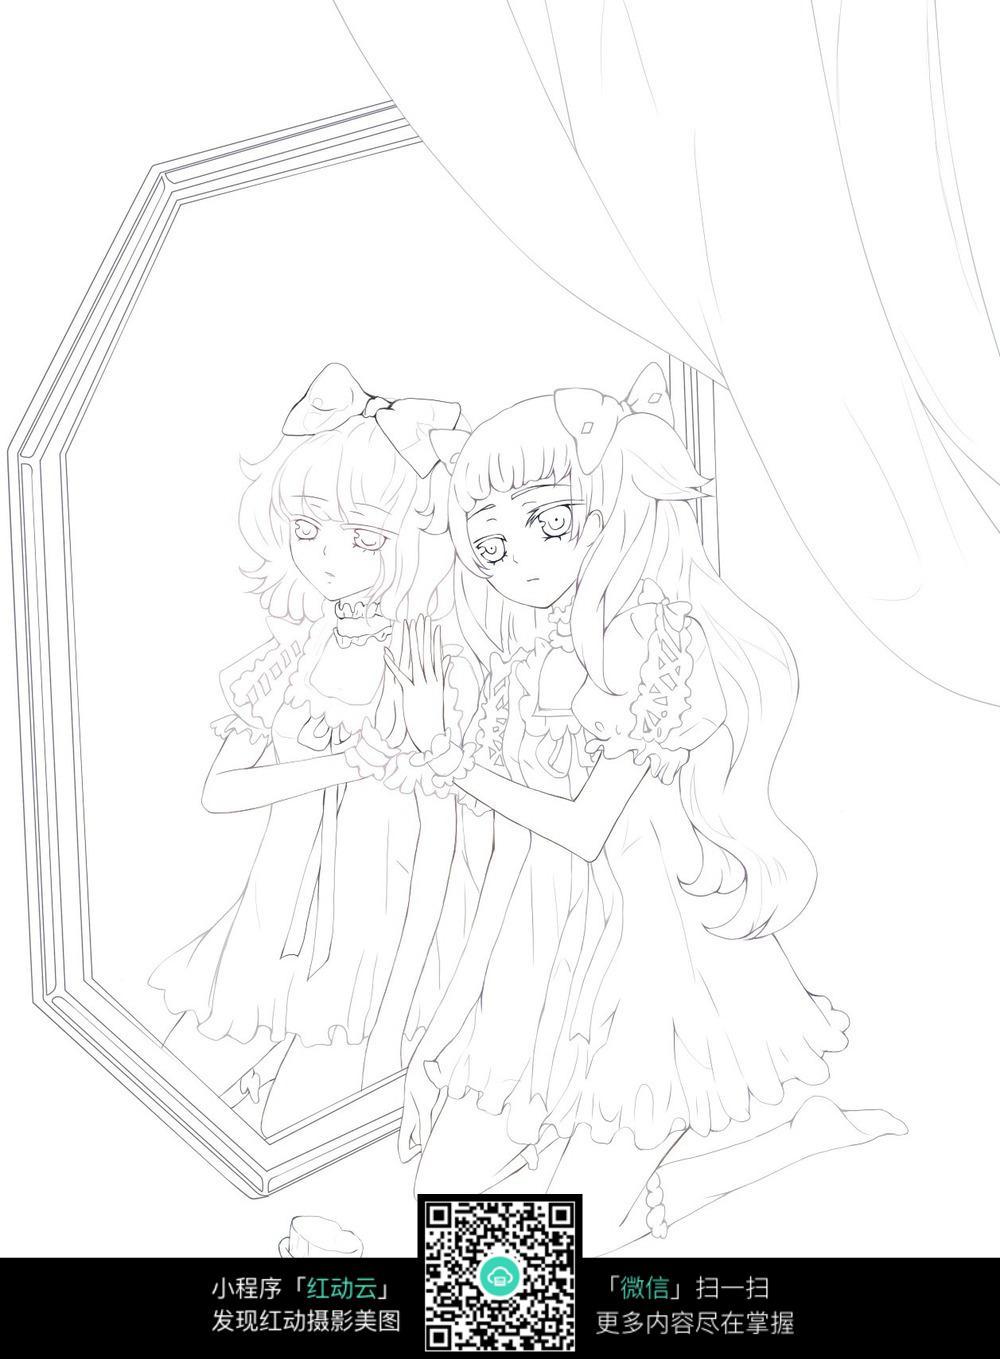 镜子简笔画破碎的镜子镜子卡通图片镜子背景墙镜子墙